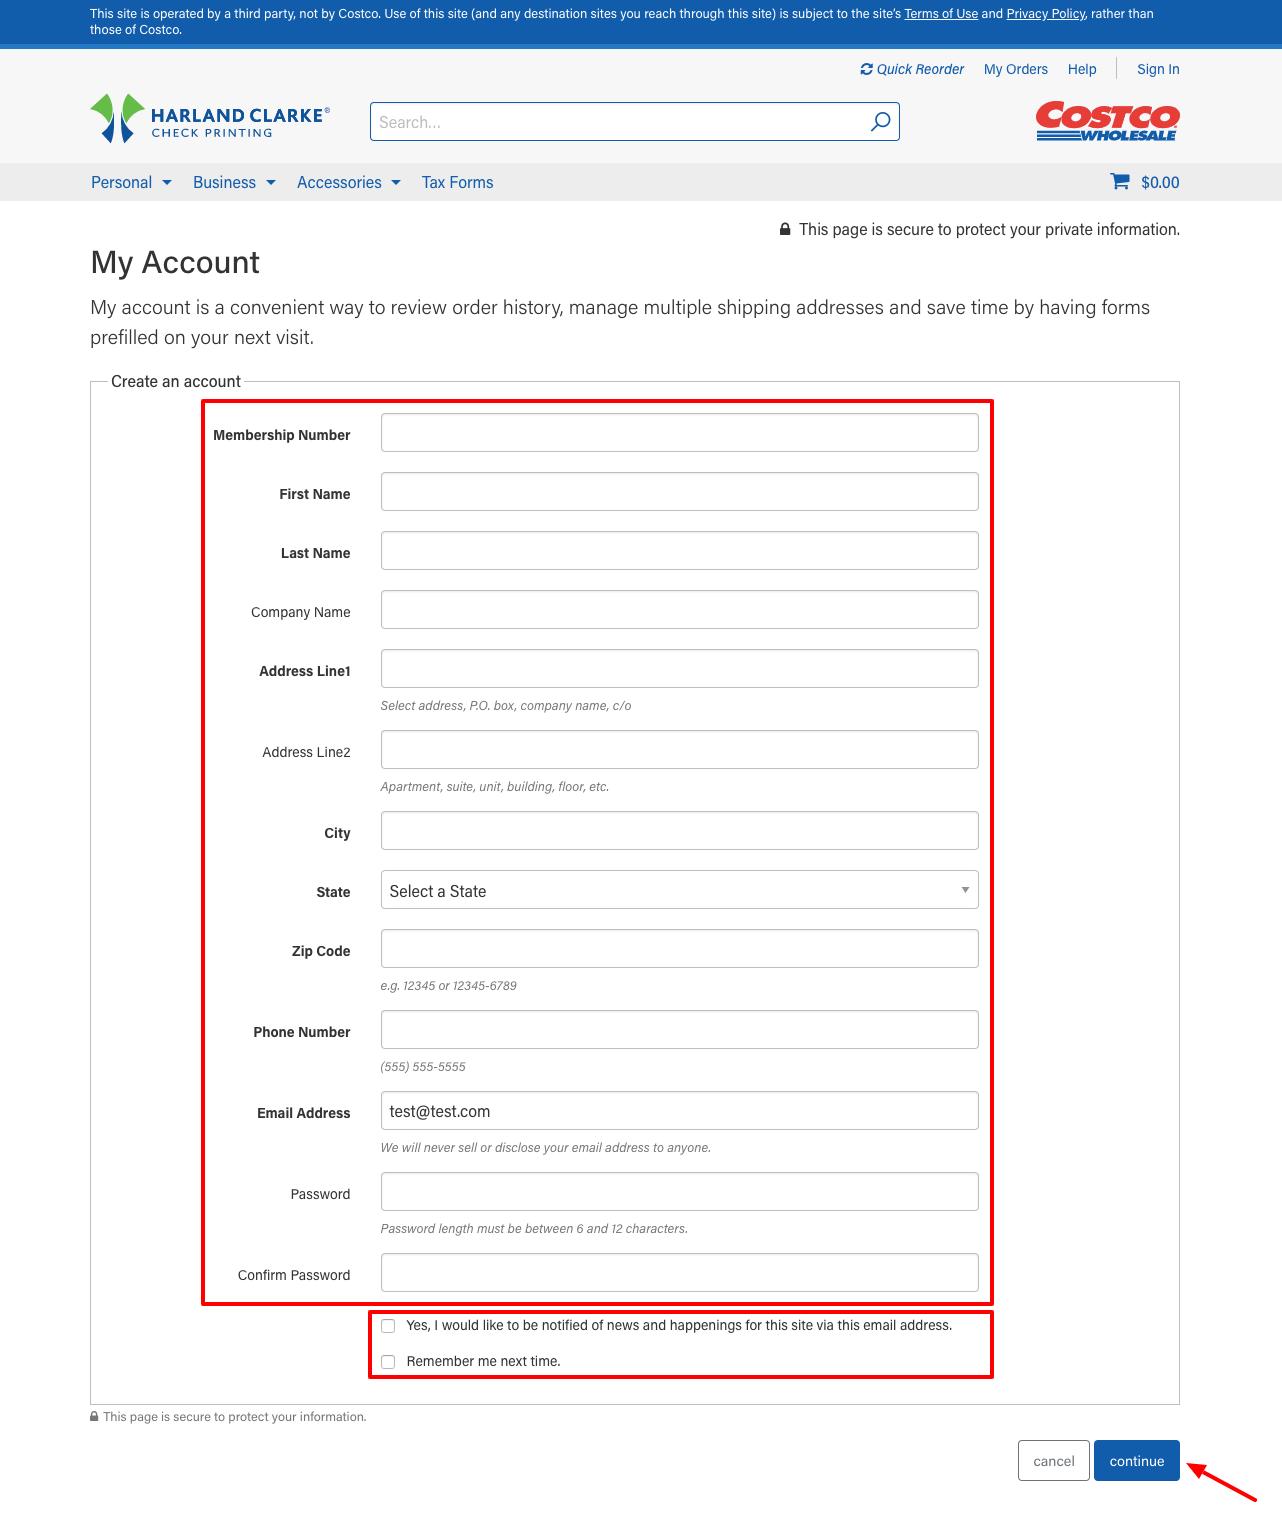 costco checks create account online